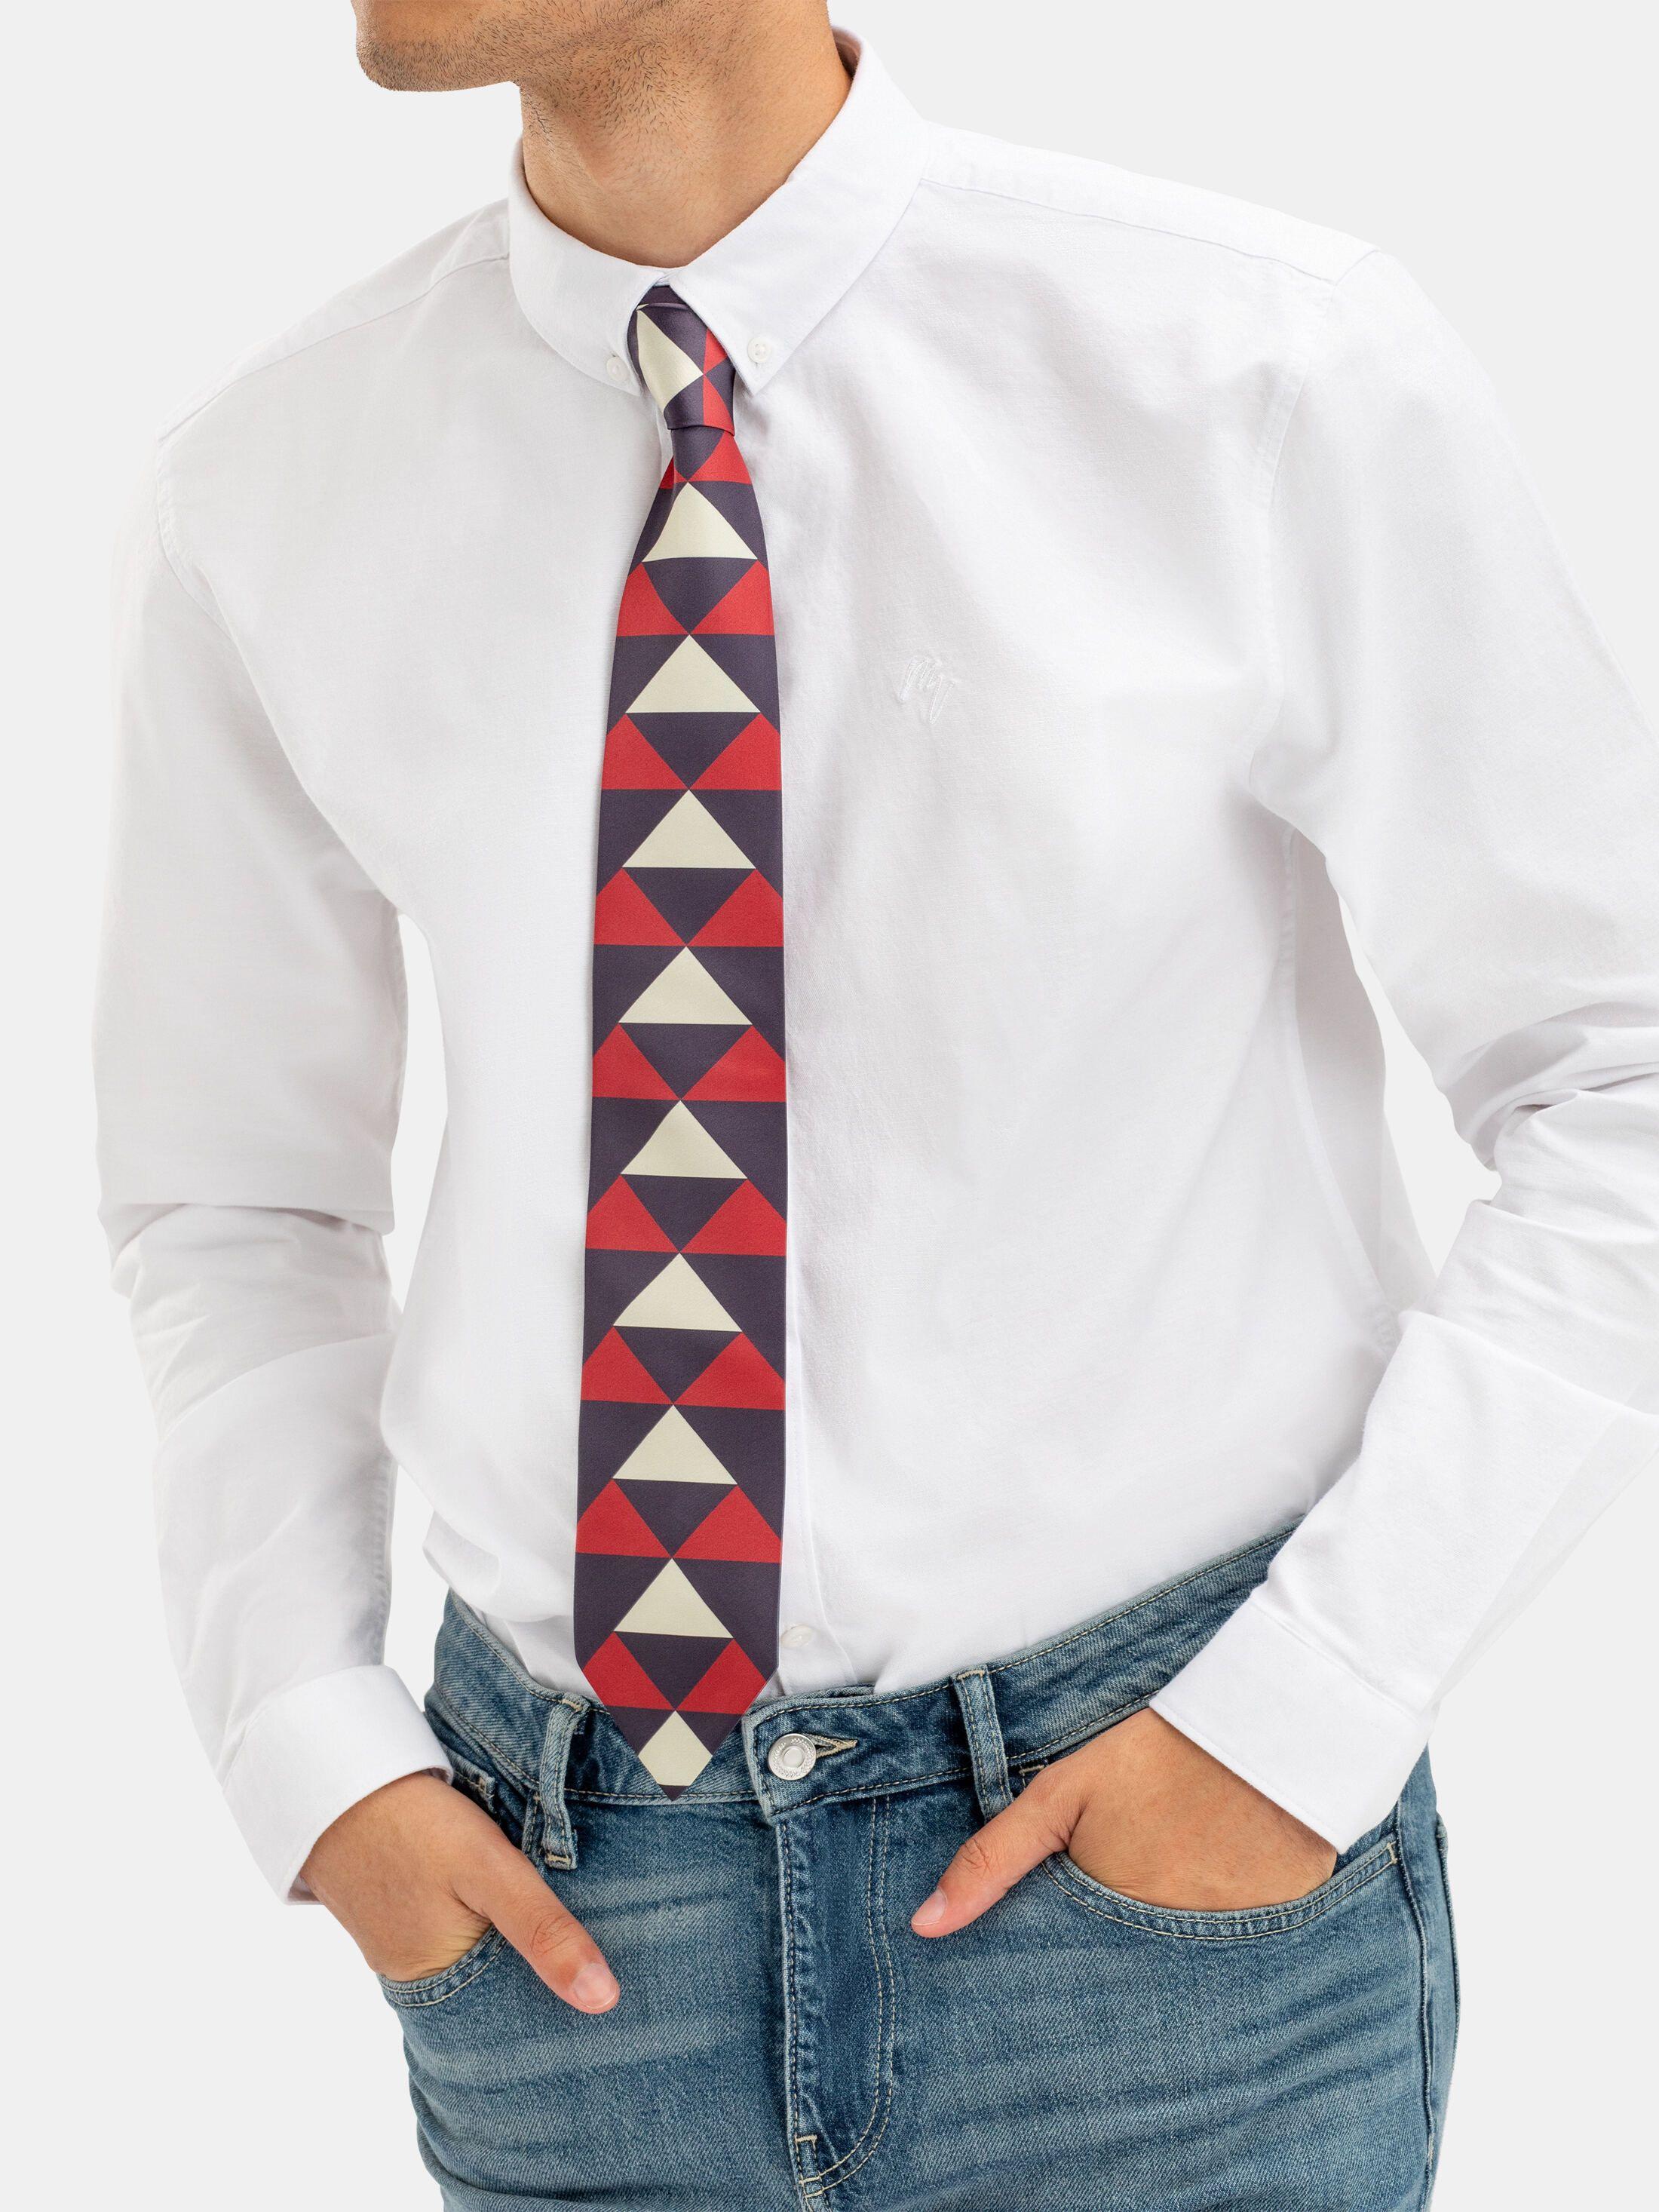 orange patterned ties custom made